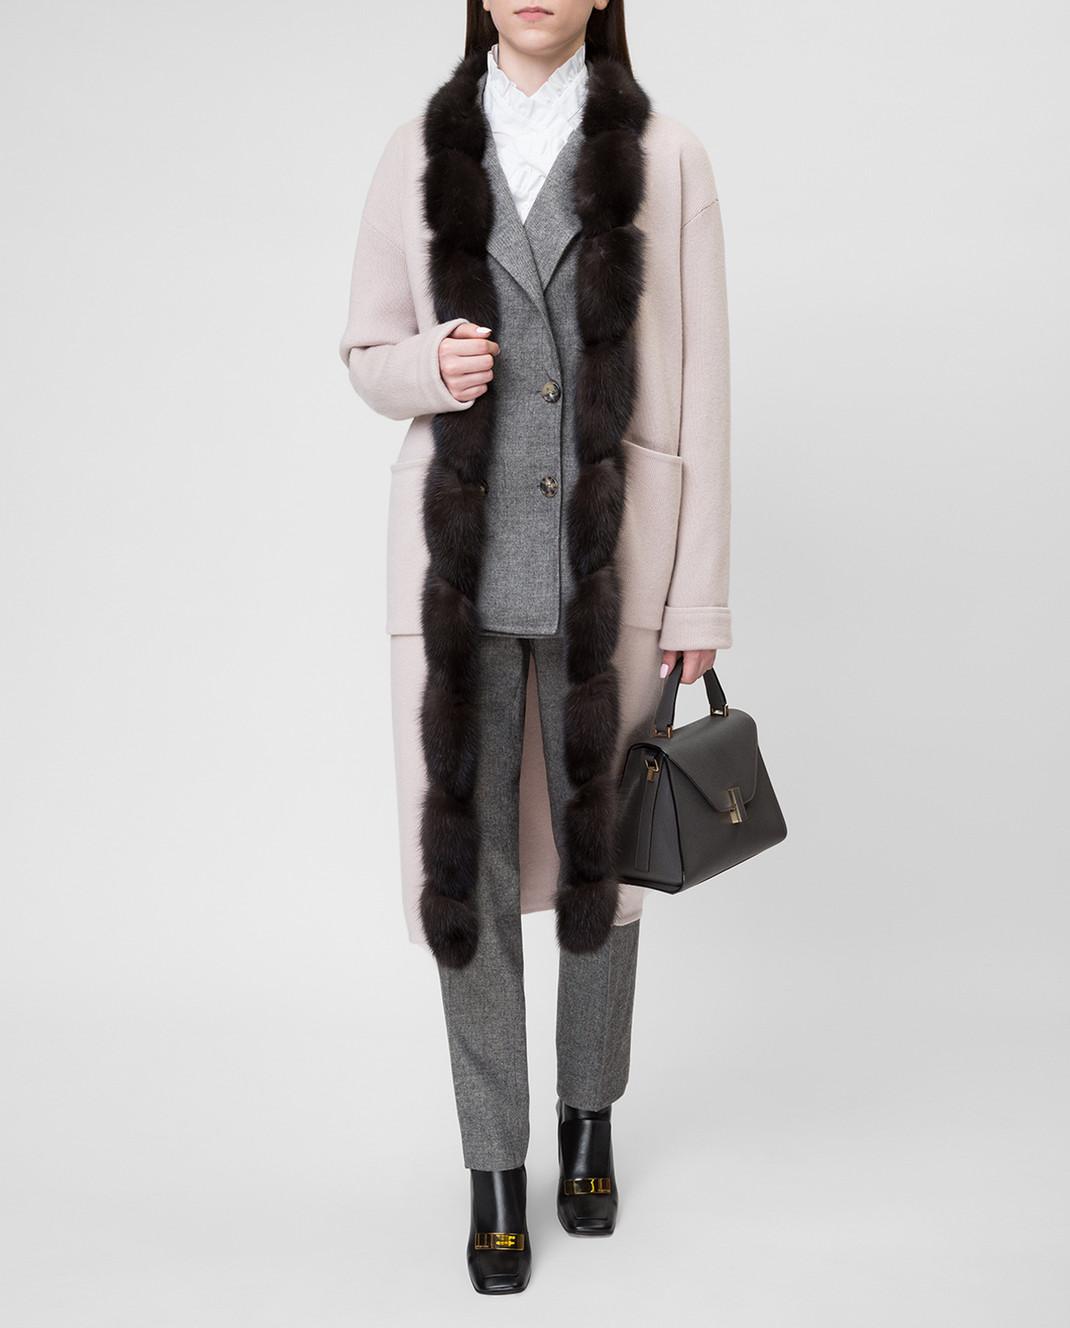 Real Furs House Бежевое пальто CSR01 изображение 2